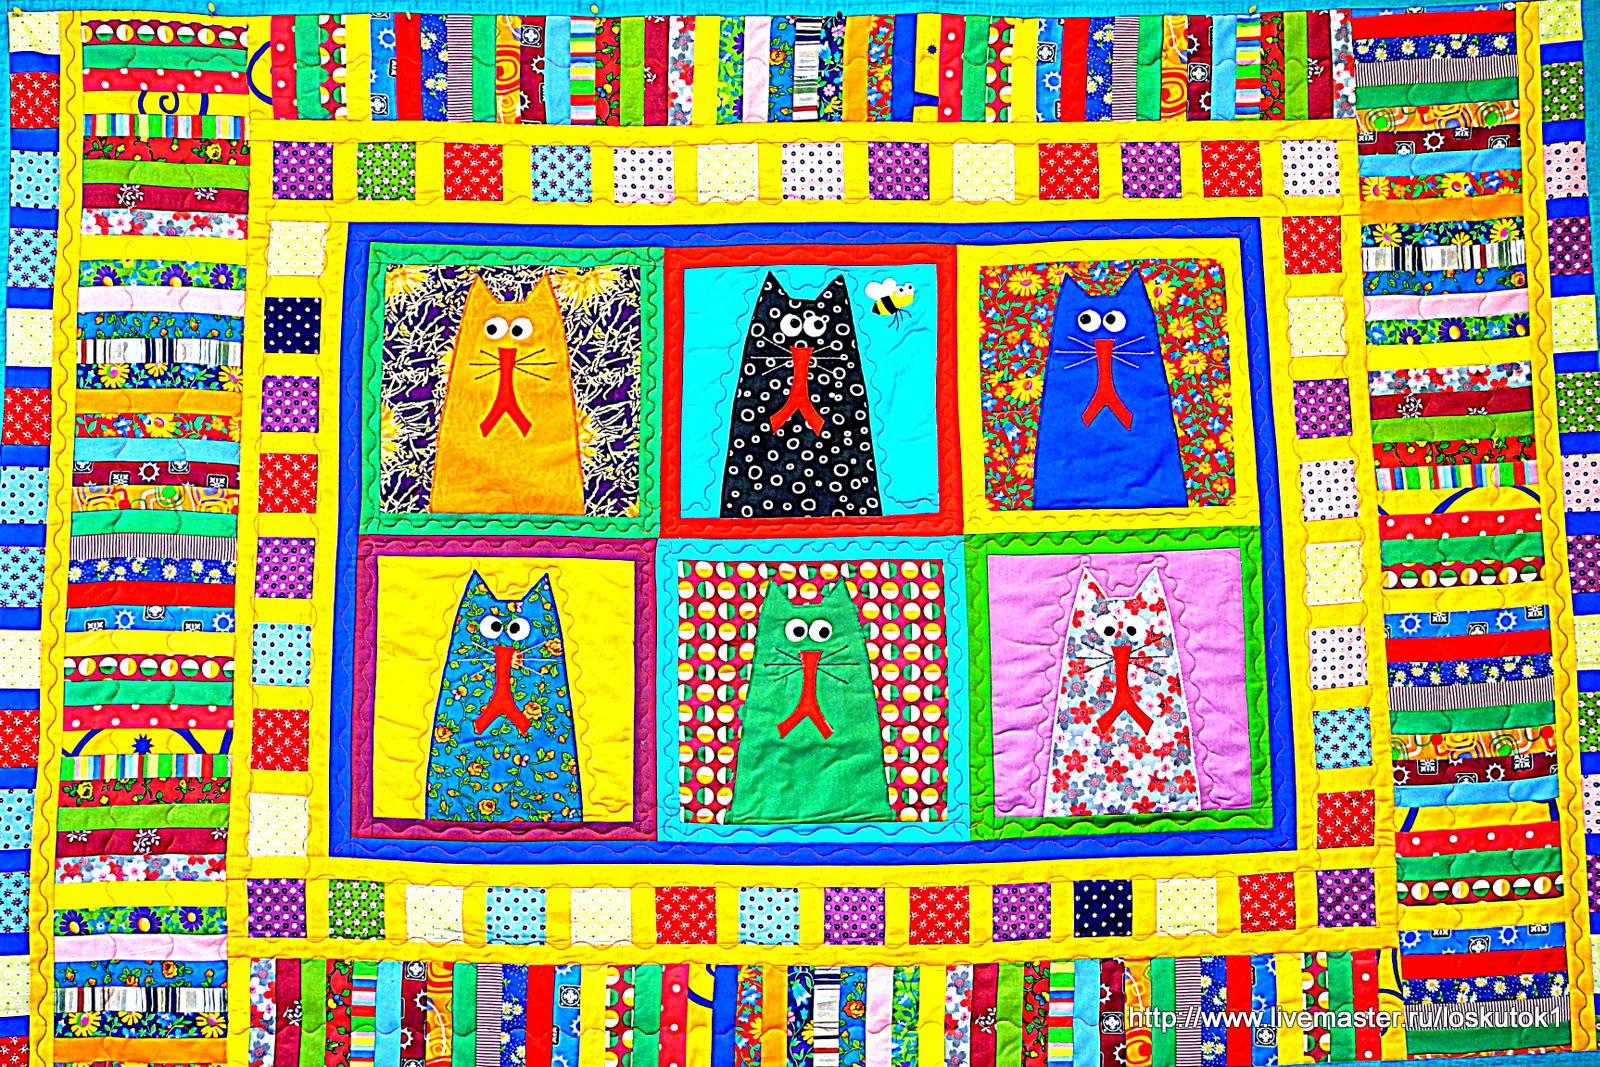 Пэчворк покрывало купить Куплю пэчворк Пэчворк  купить Лоскутное шитье купить Купить покрывало в стиле пэчворк Квилтинг Аппликация Куплю покрывало пэчворк Одеяло пэчворк купить Купить лоскутное одеяло Пэчворк покрывало купить Куплю пэчворк Пэчворк  купить Лоскутное шитье купить Купить покрывало в стиле пэчворк Квилтинг Аппликация Куплю покрывало пэчворк Одеяло пэчворк купить Купить лоскутное одеяло